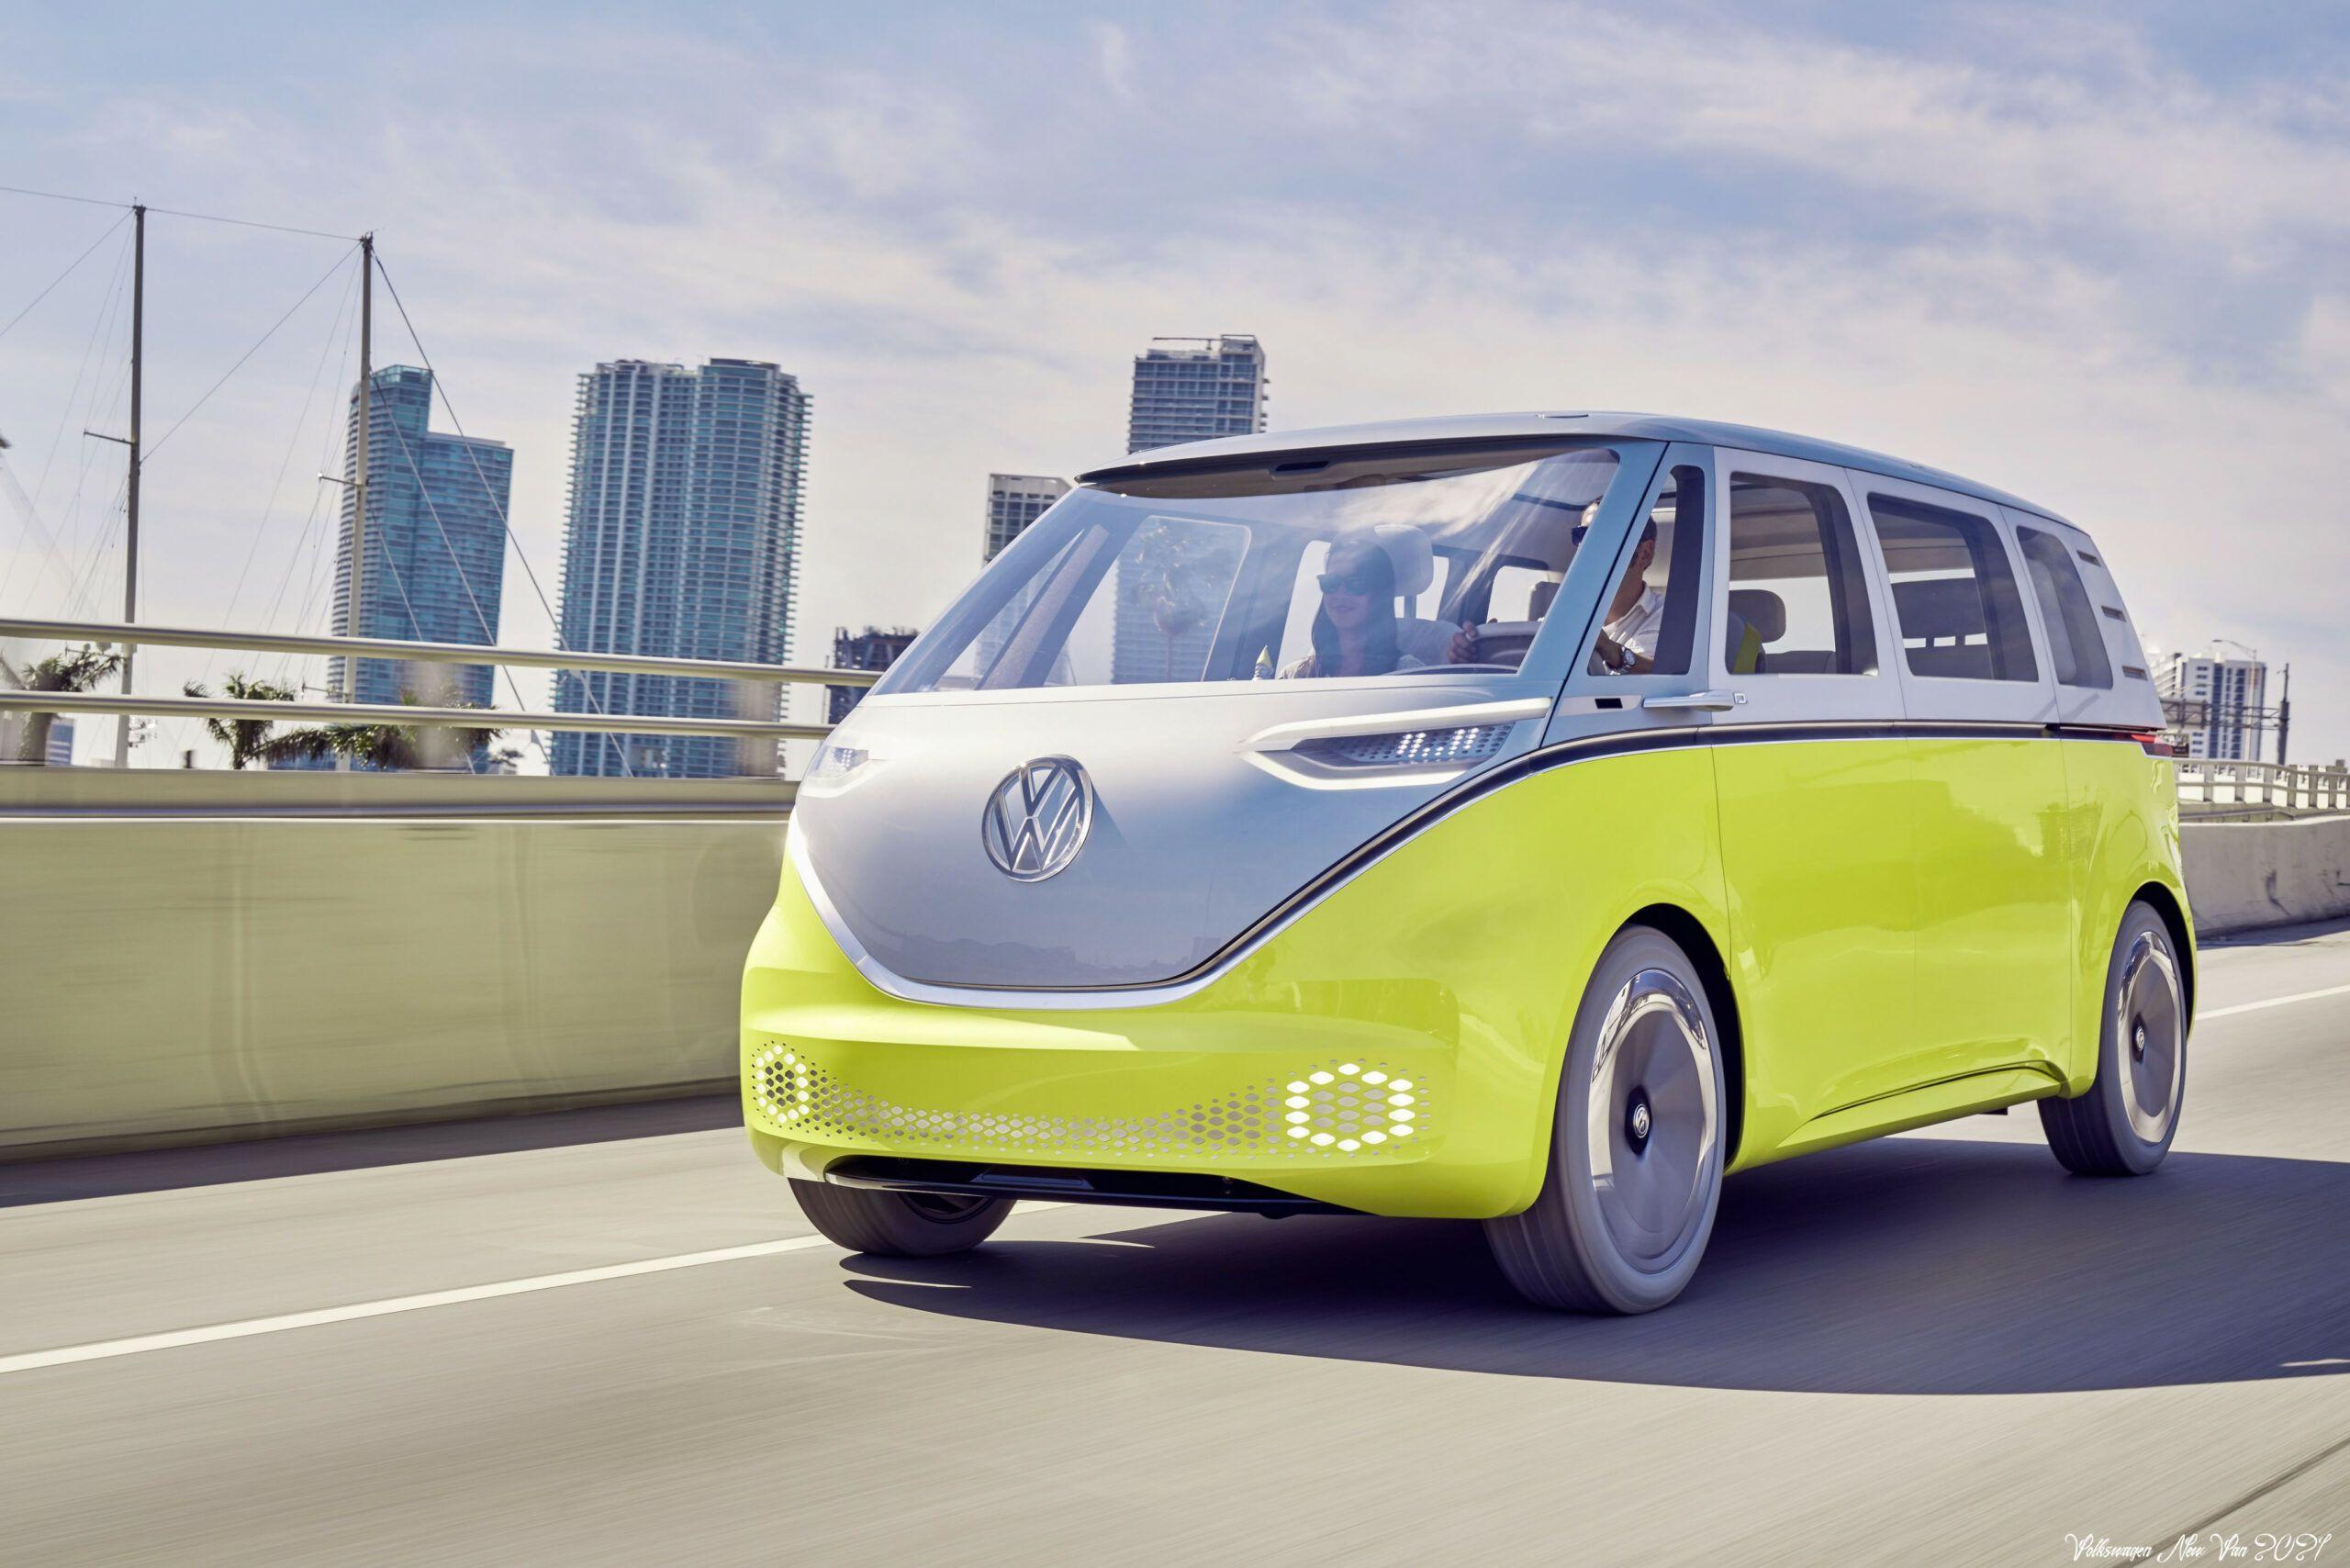 Volkswagen New Van 2021 Interior In 2020 Volkswagen Volkswagen Bus Interior Car Volkswagen